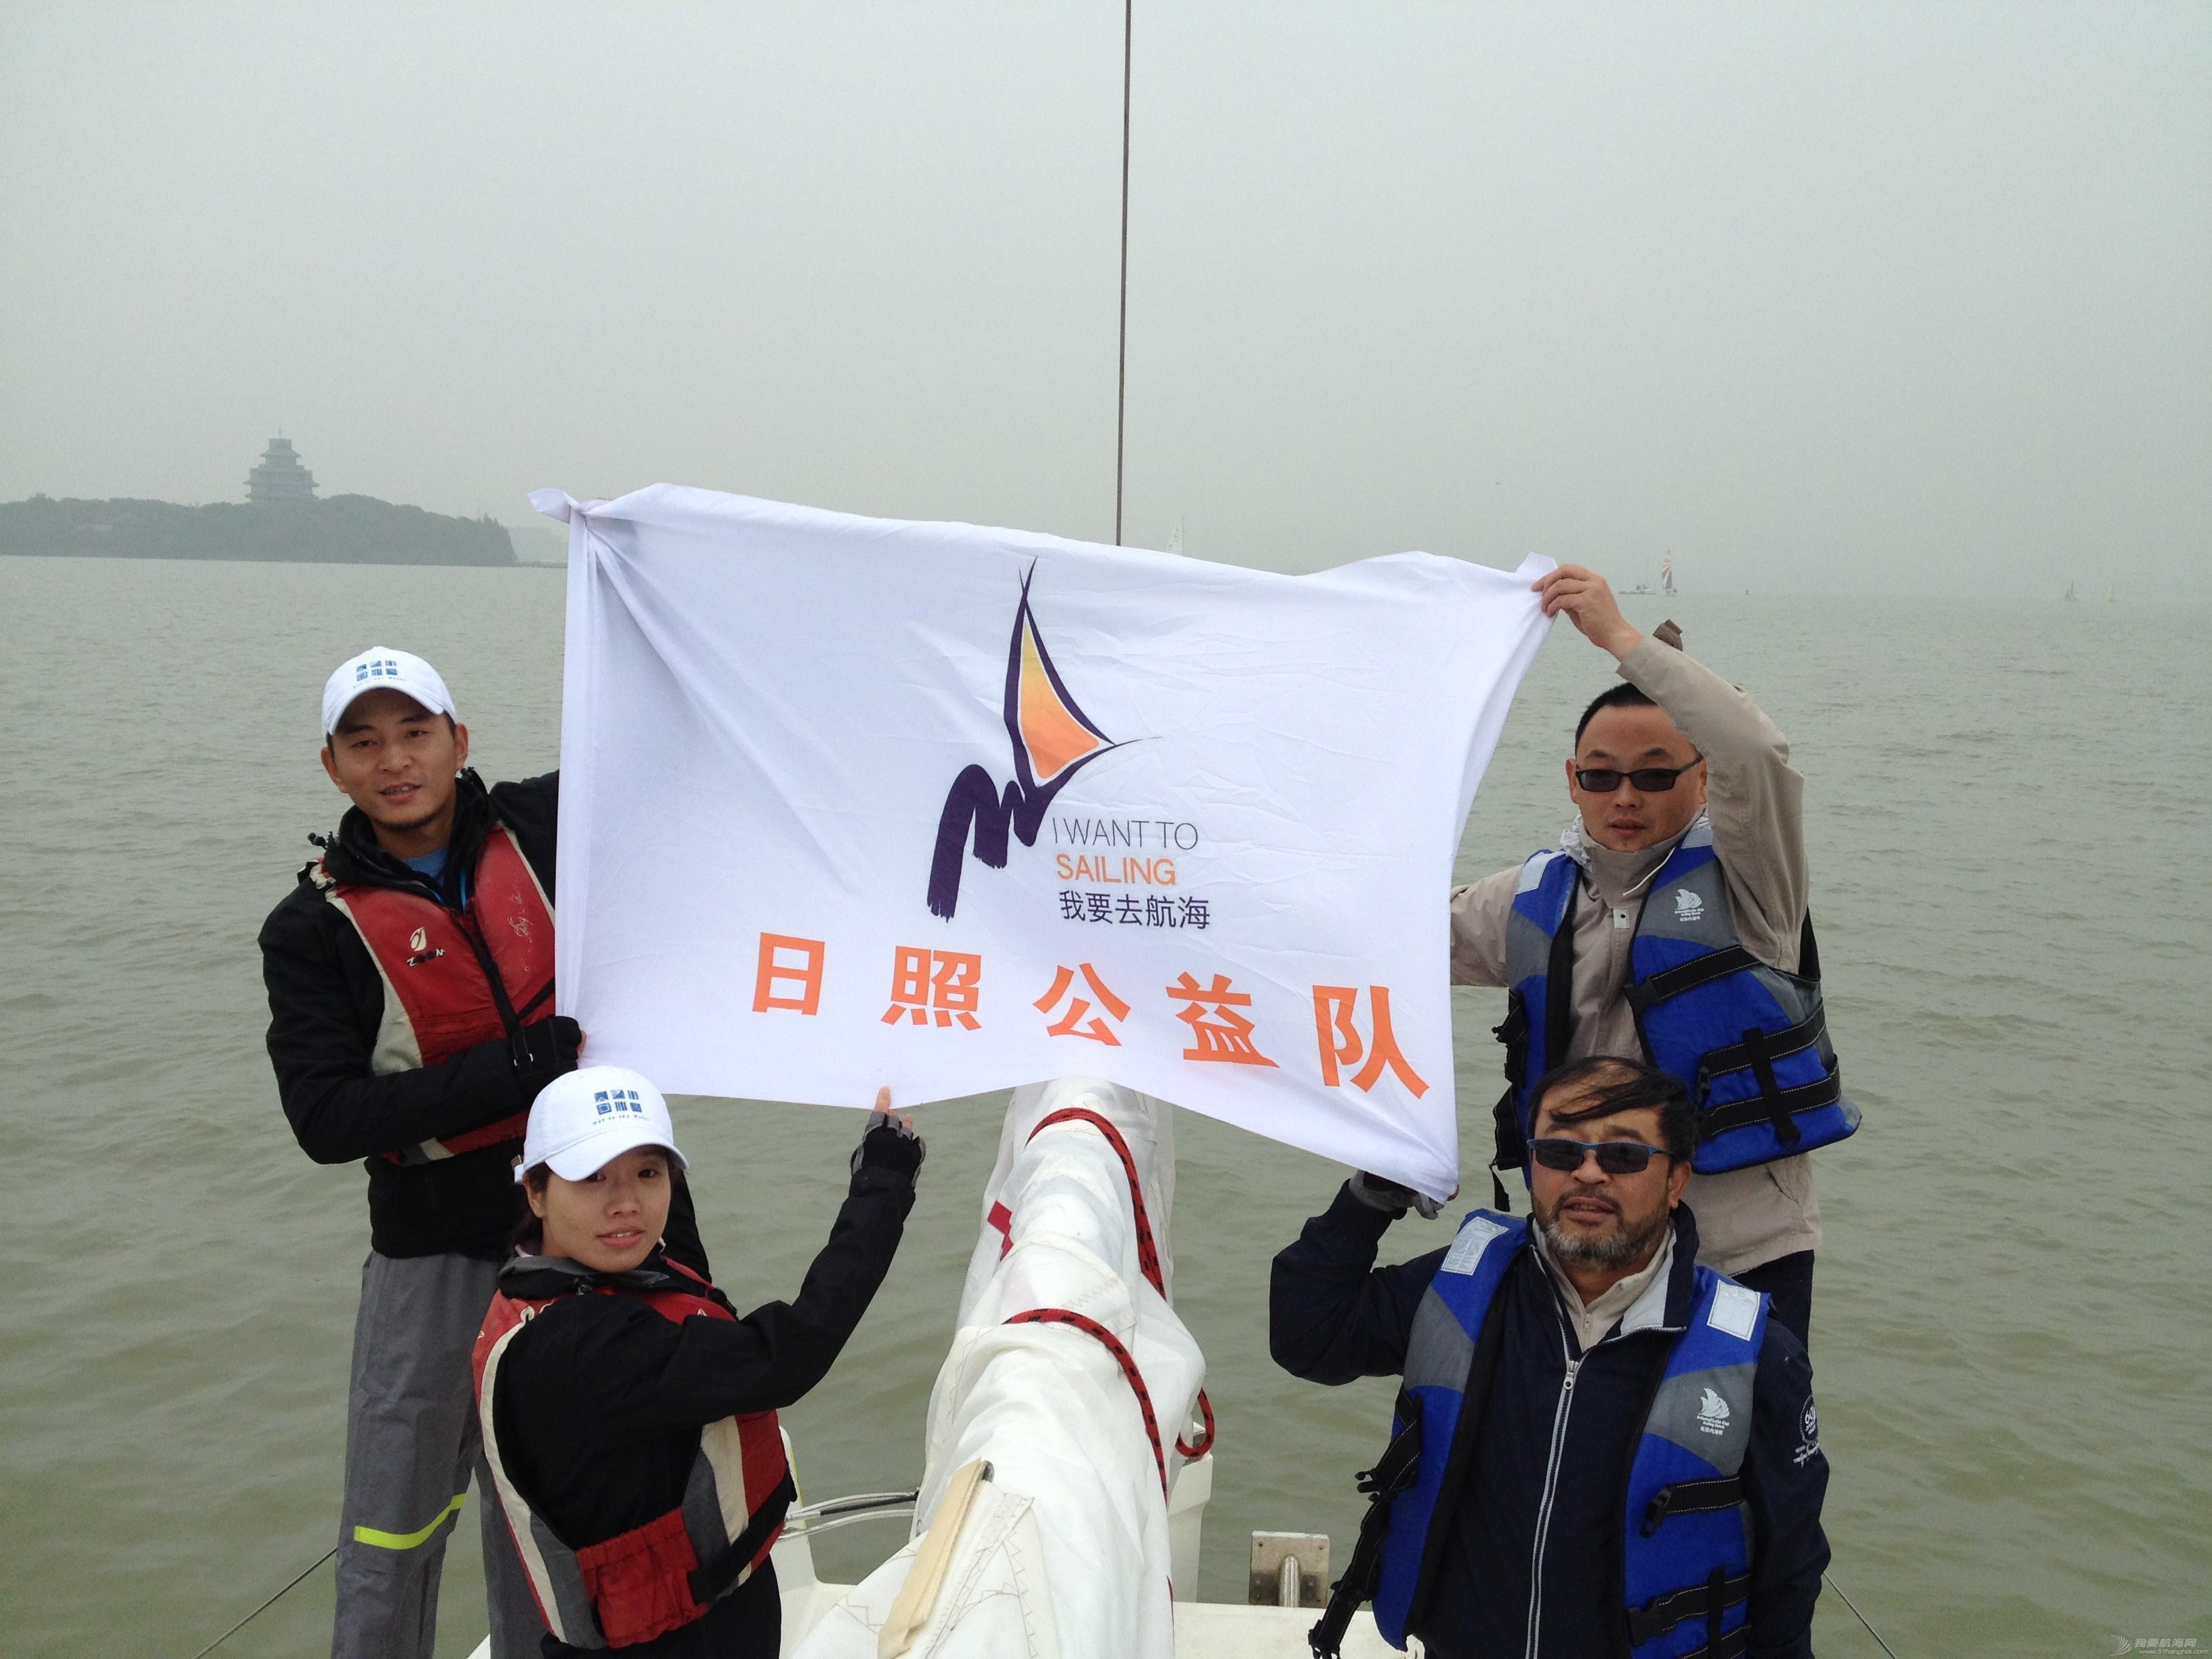 金鸡,苏州 苏州金鸡湖帆船赛-我的处女赛 IMG_2958.JPG